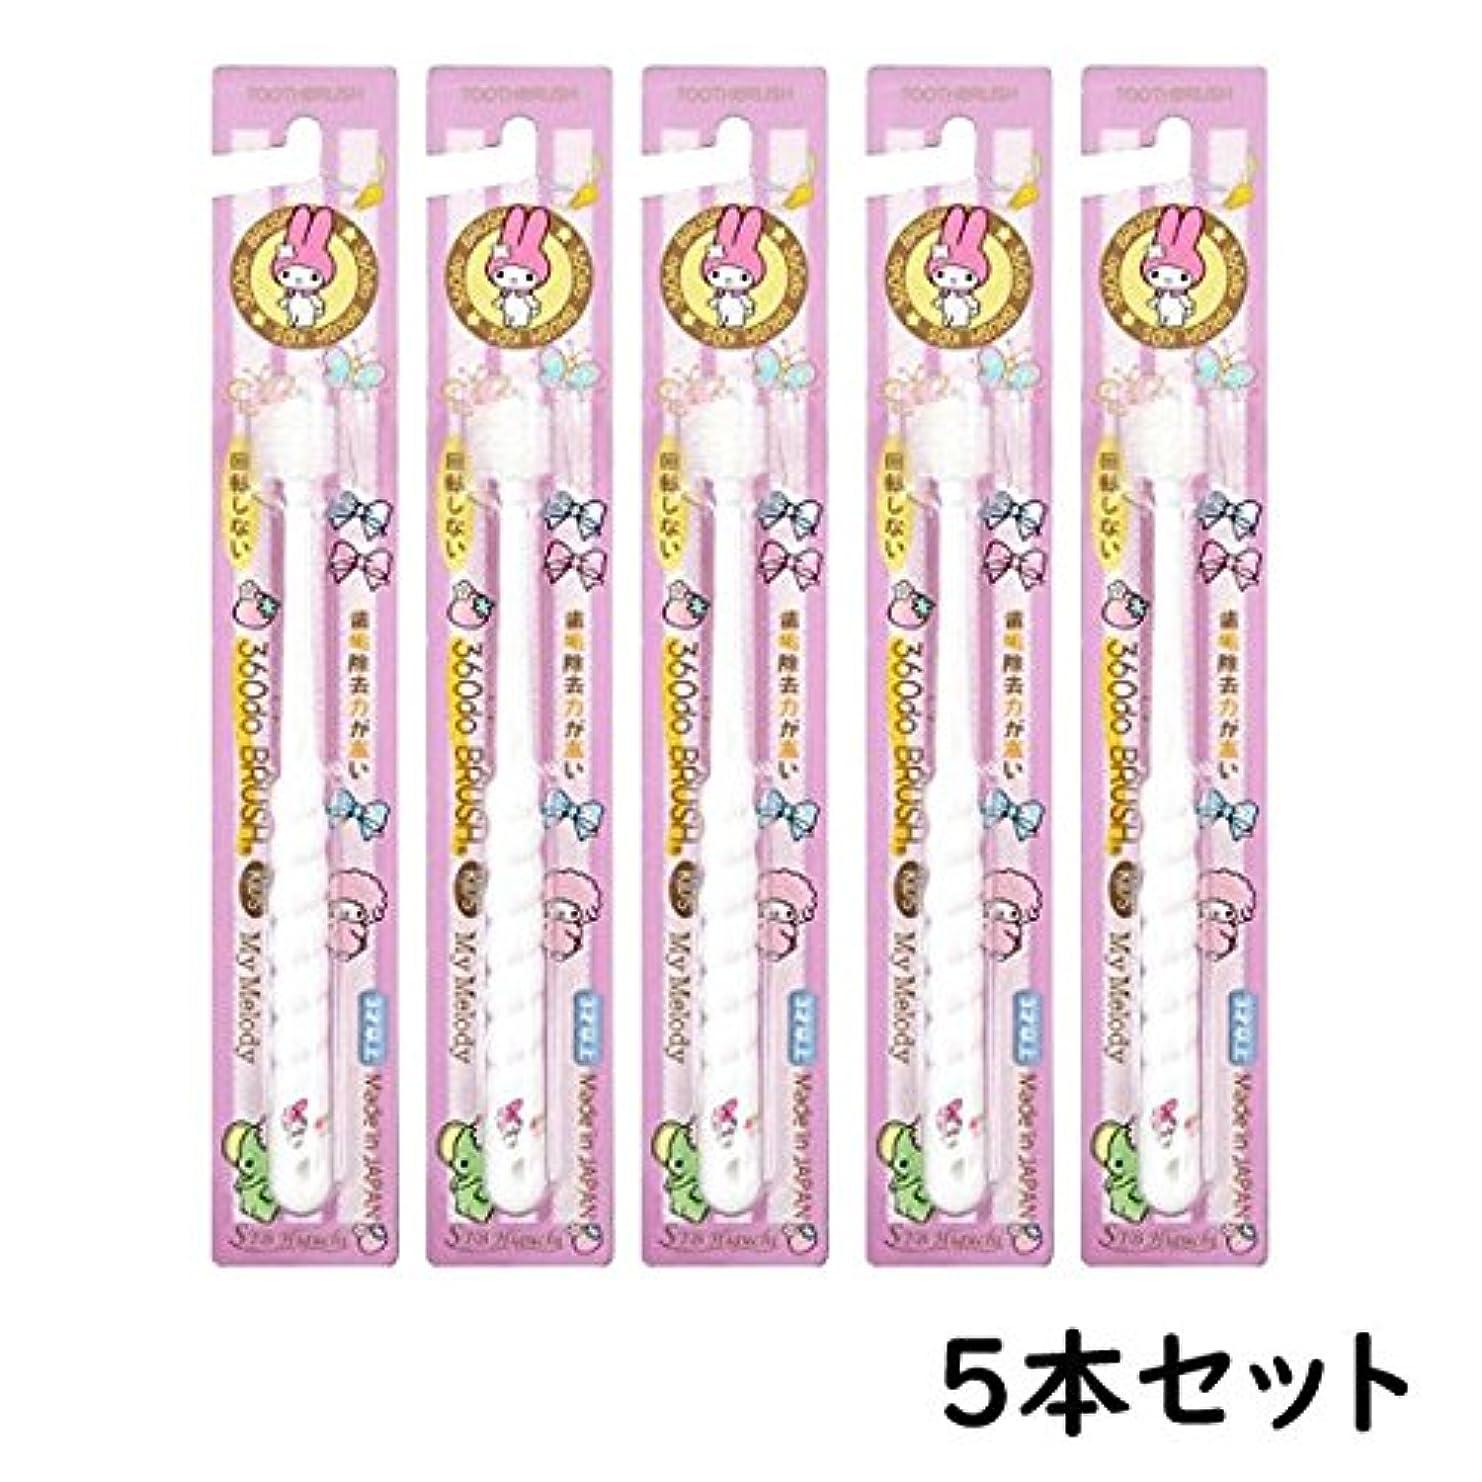 郵便財政野ウサギ360度歯ブラシ 360do BRUSH たんぽぽの種キッズ マイメロディ (5本)